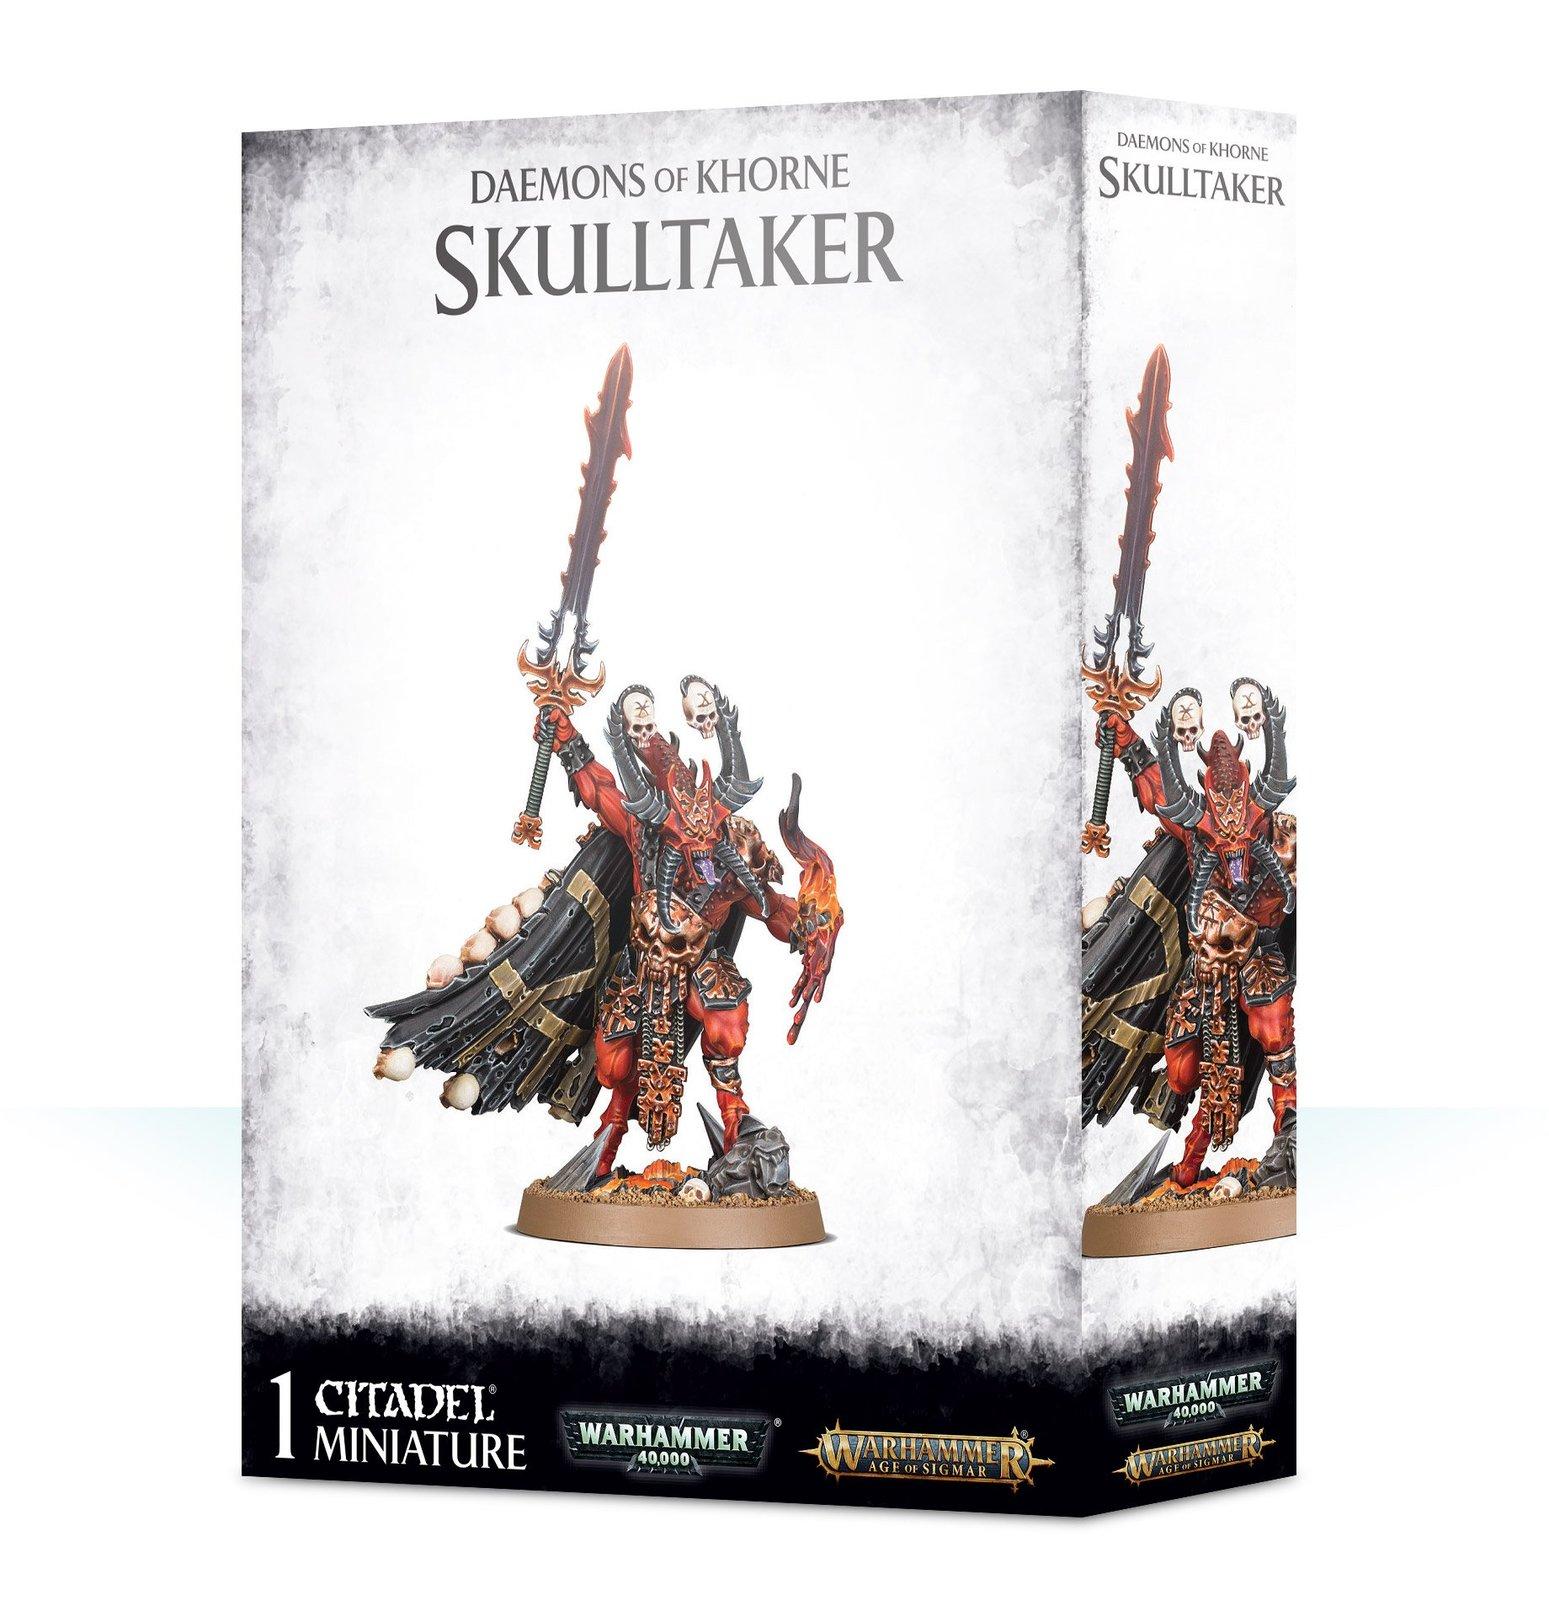 Warhammer Age of Sigma: Daemons Of Khorne Skulltaker image